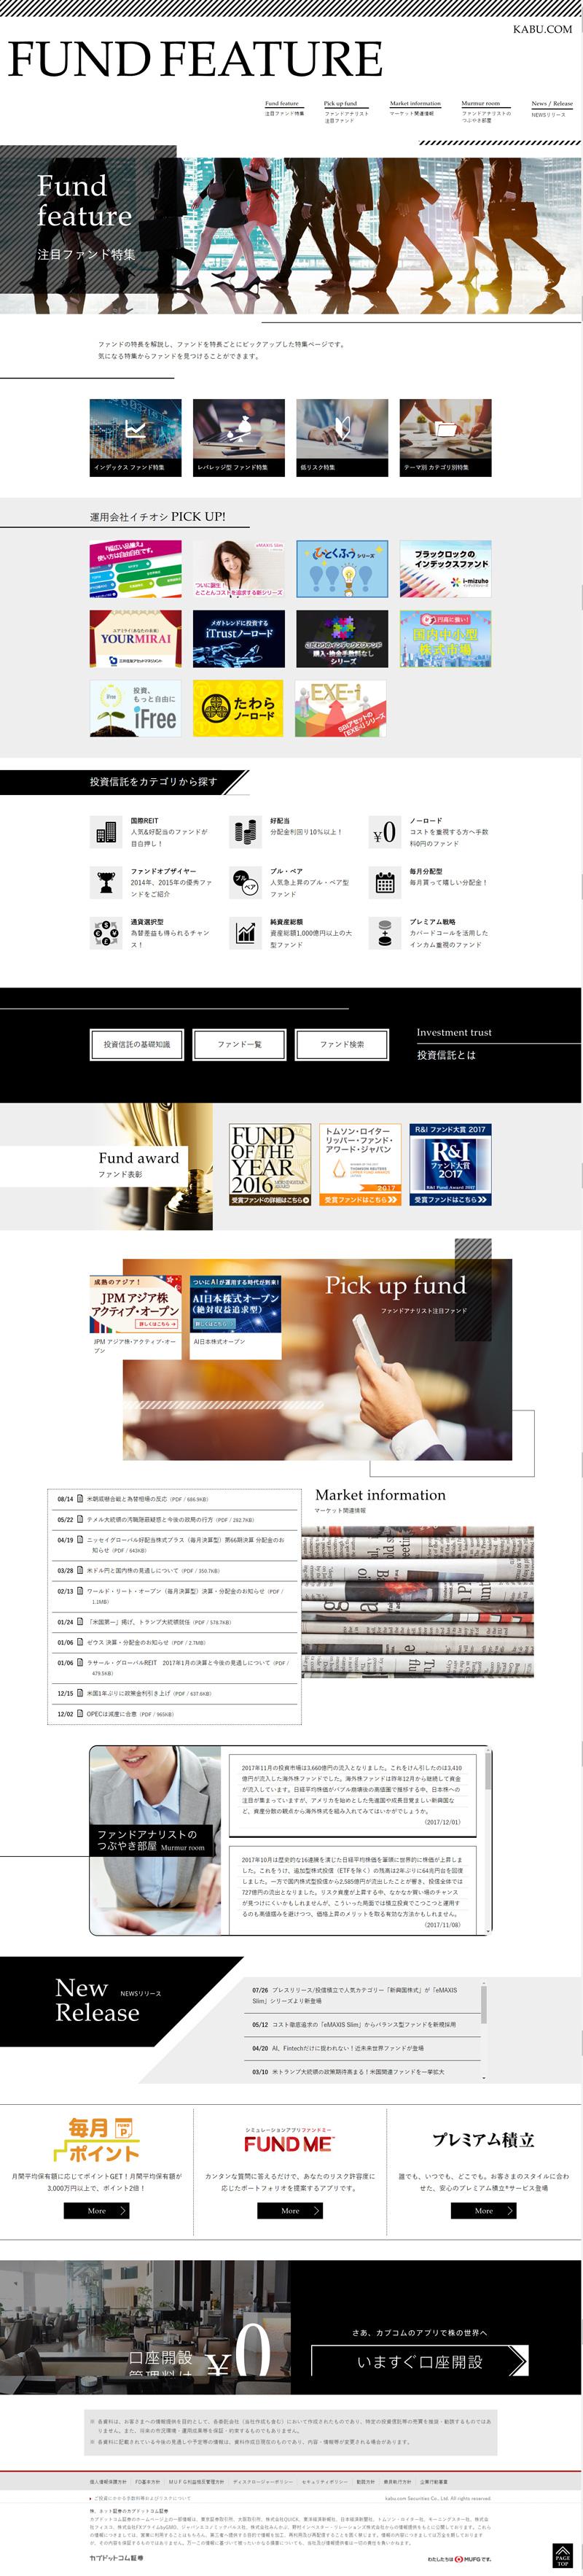 カブドットコム証券 FUND-FEATURE 注目のファンド特集ページ